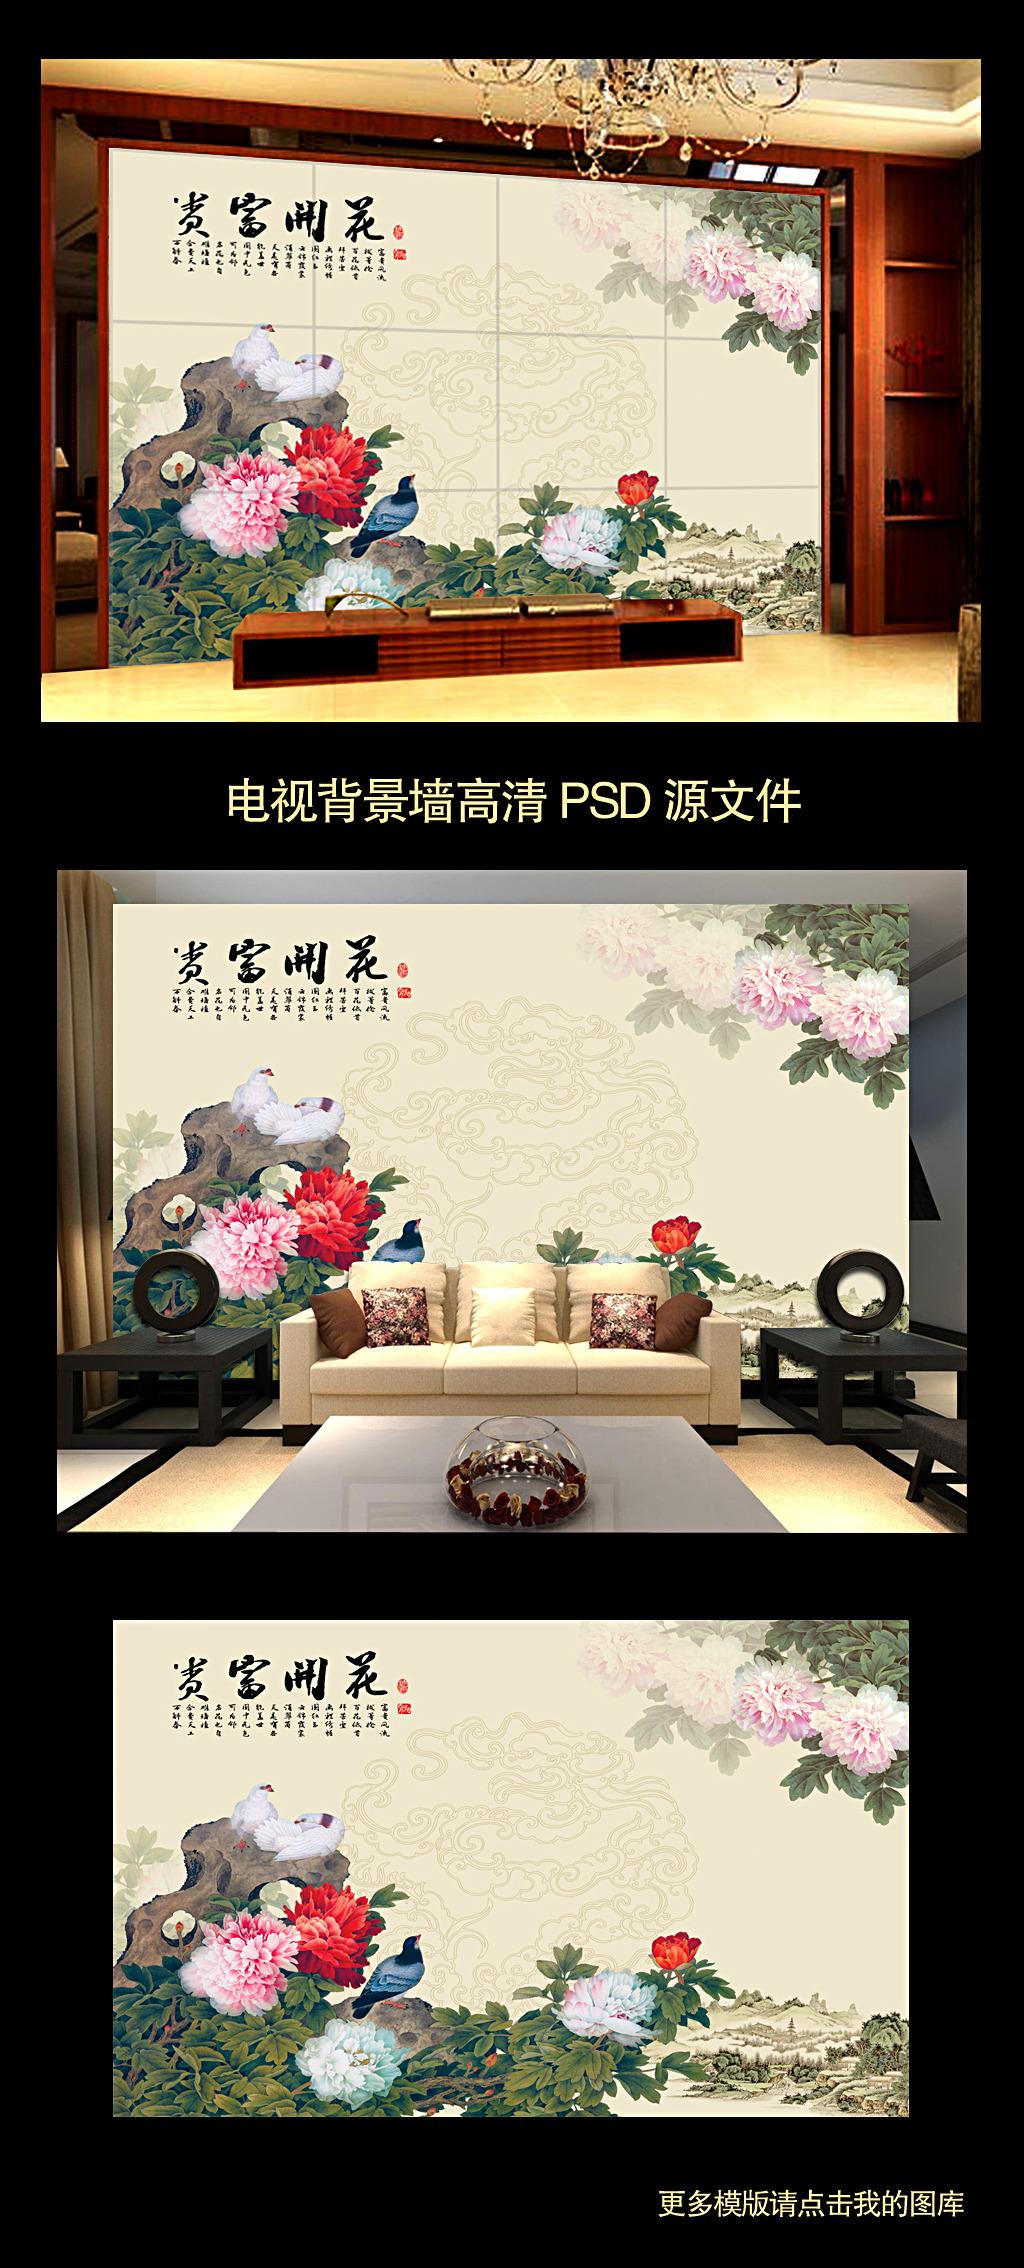 玄关装饰画 电视墙 形象墙 中式风格 中式 墙纸 壁纸      挂画 壁画图片